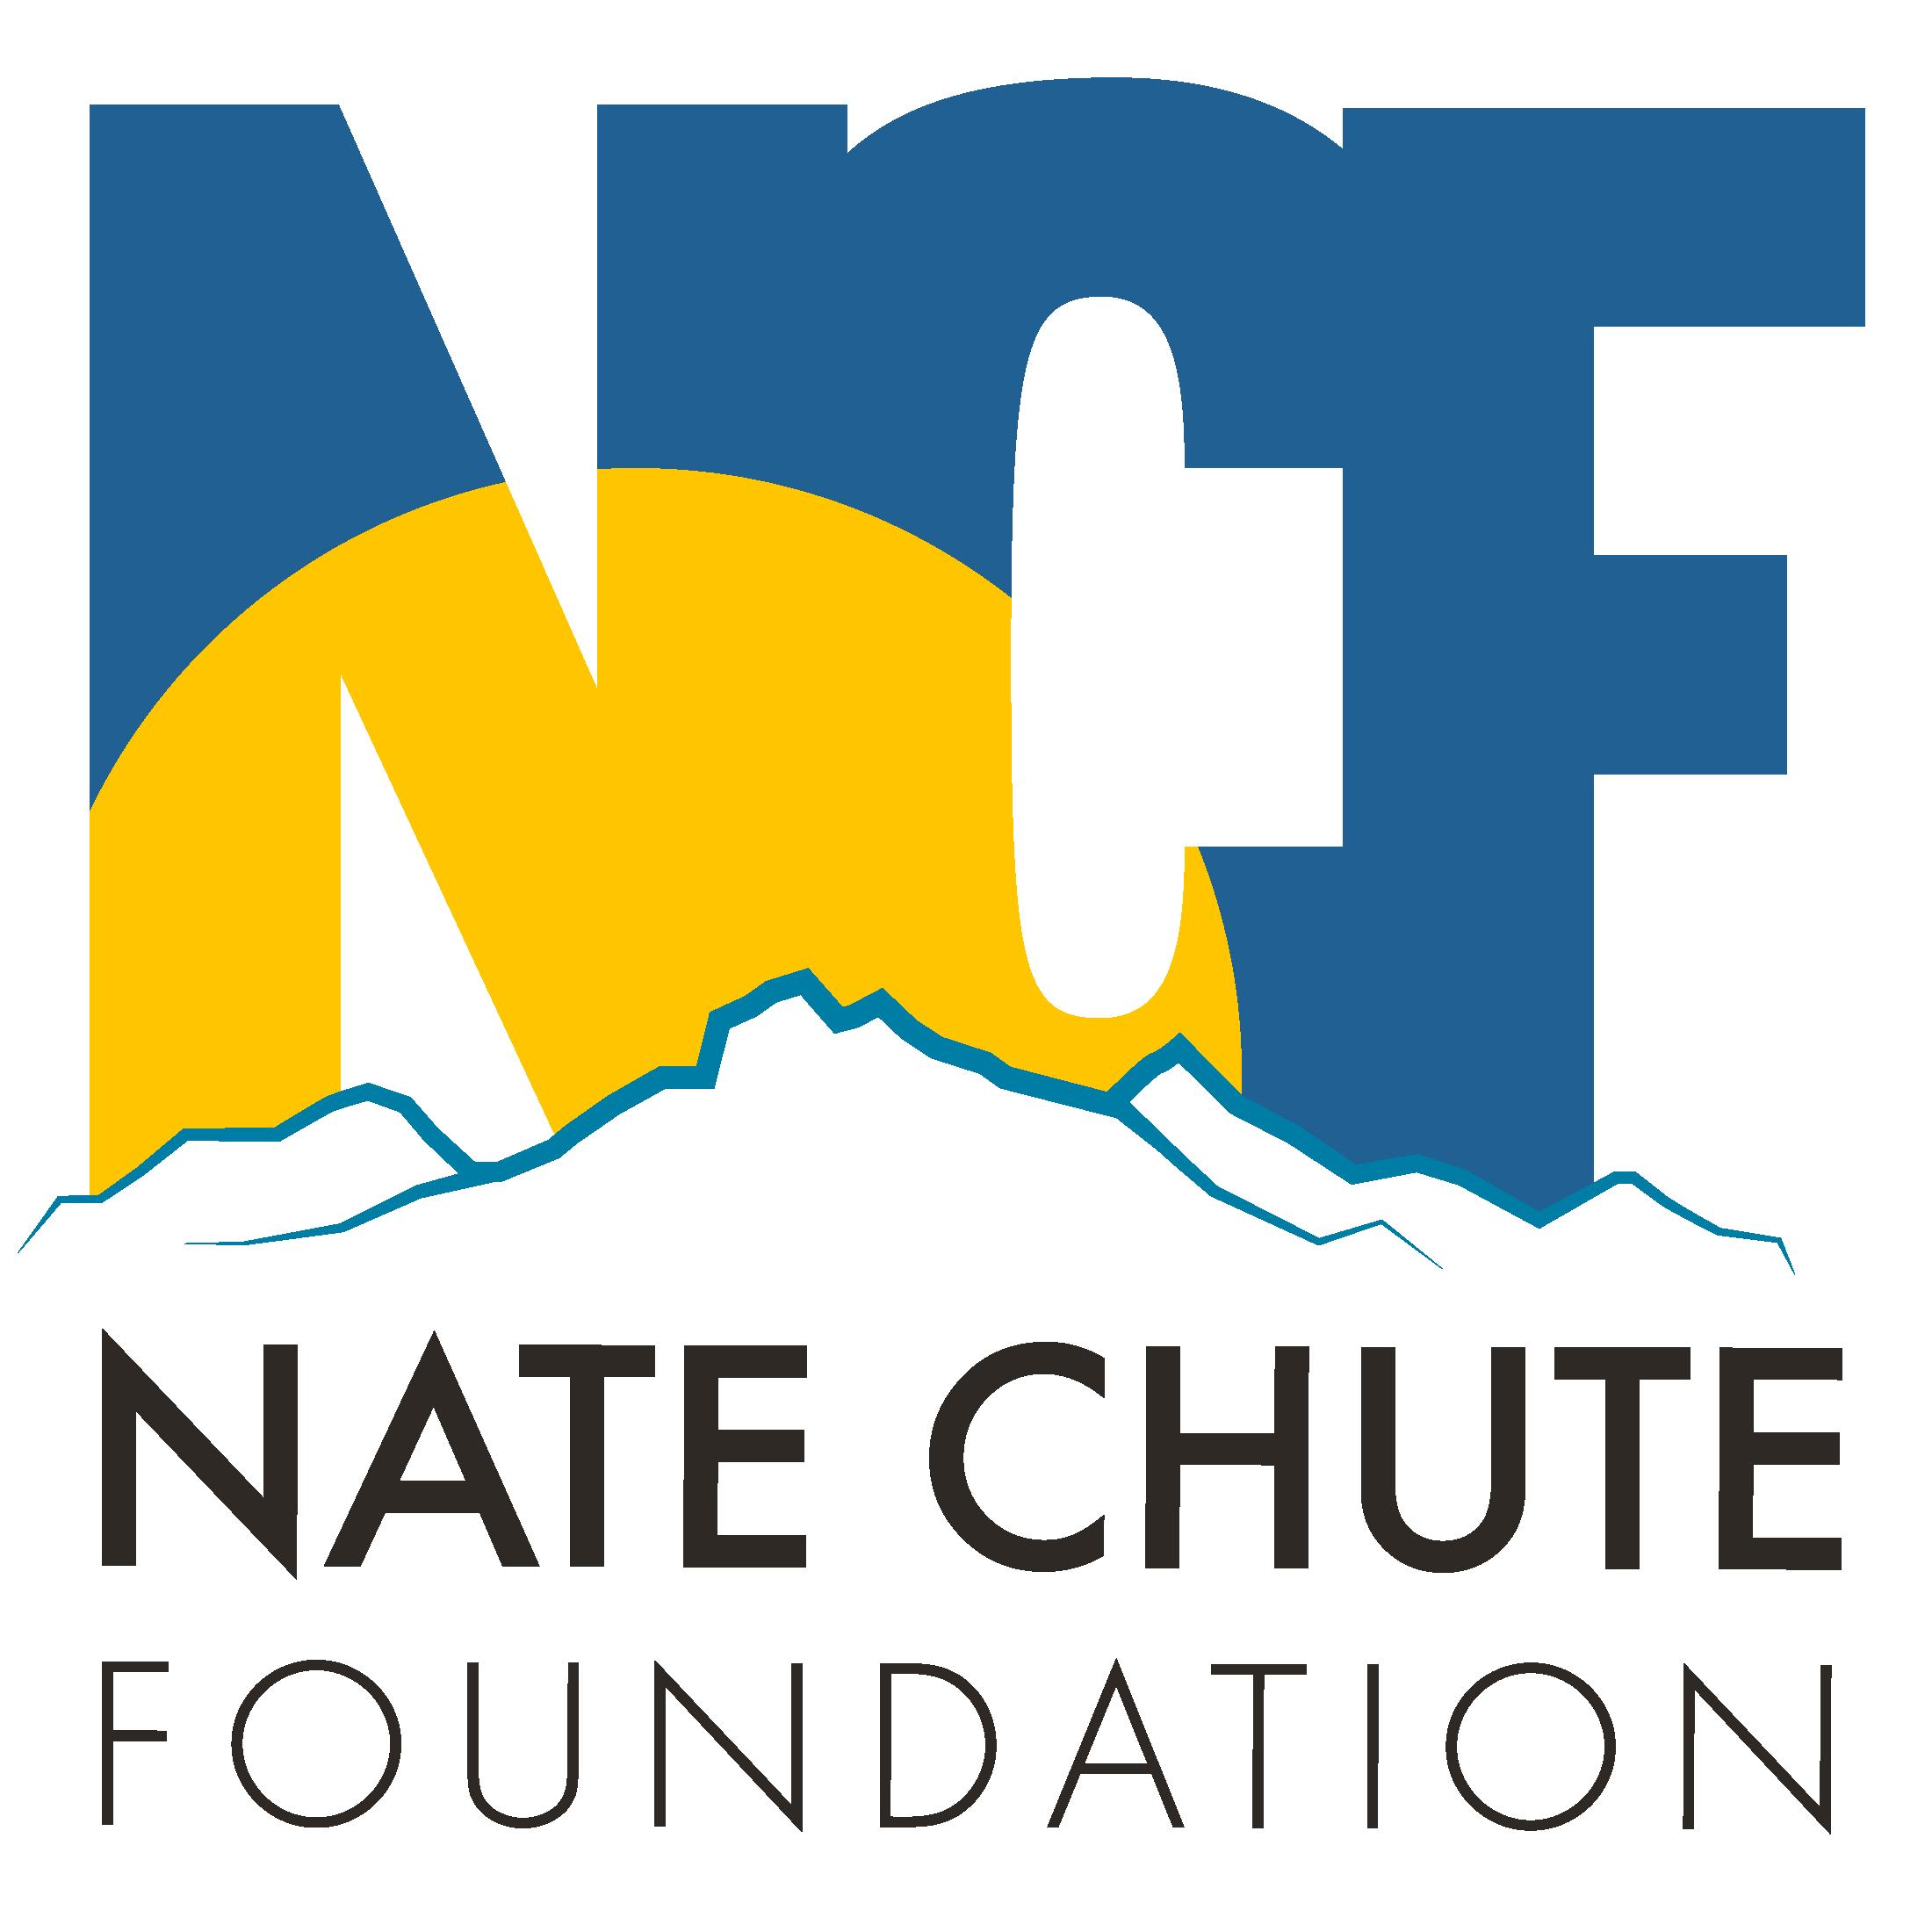 Nate Chute Foundation Logo